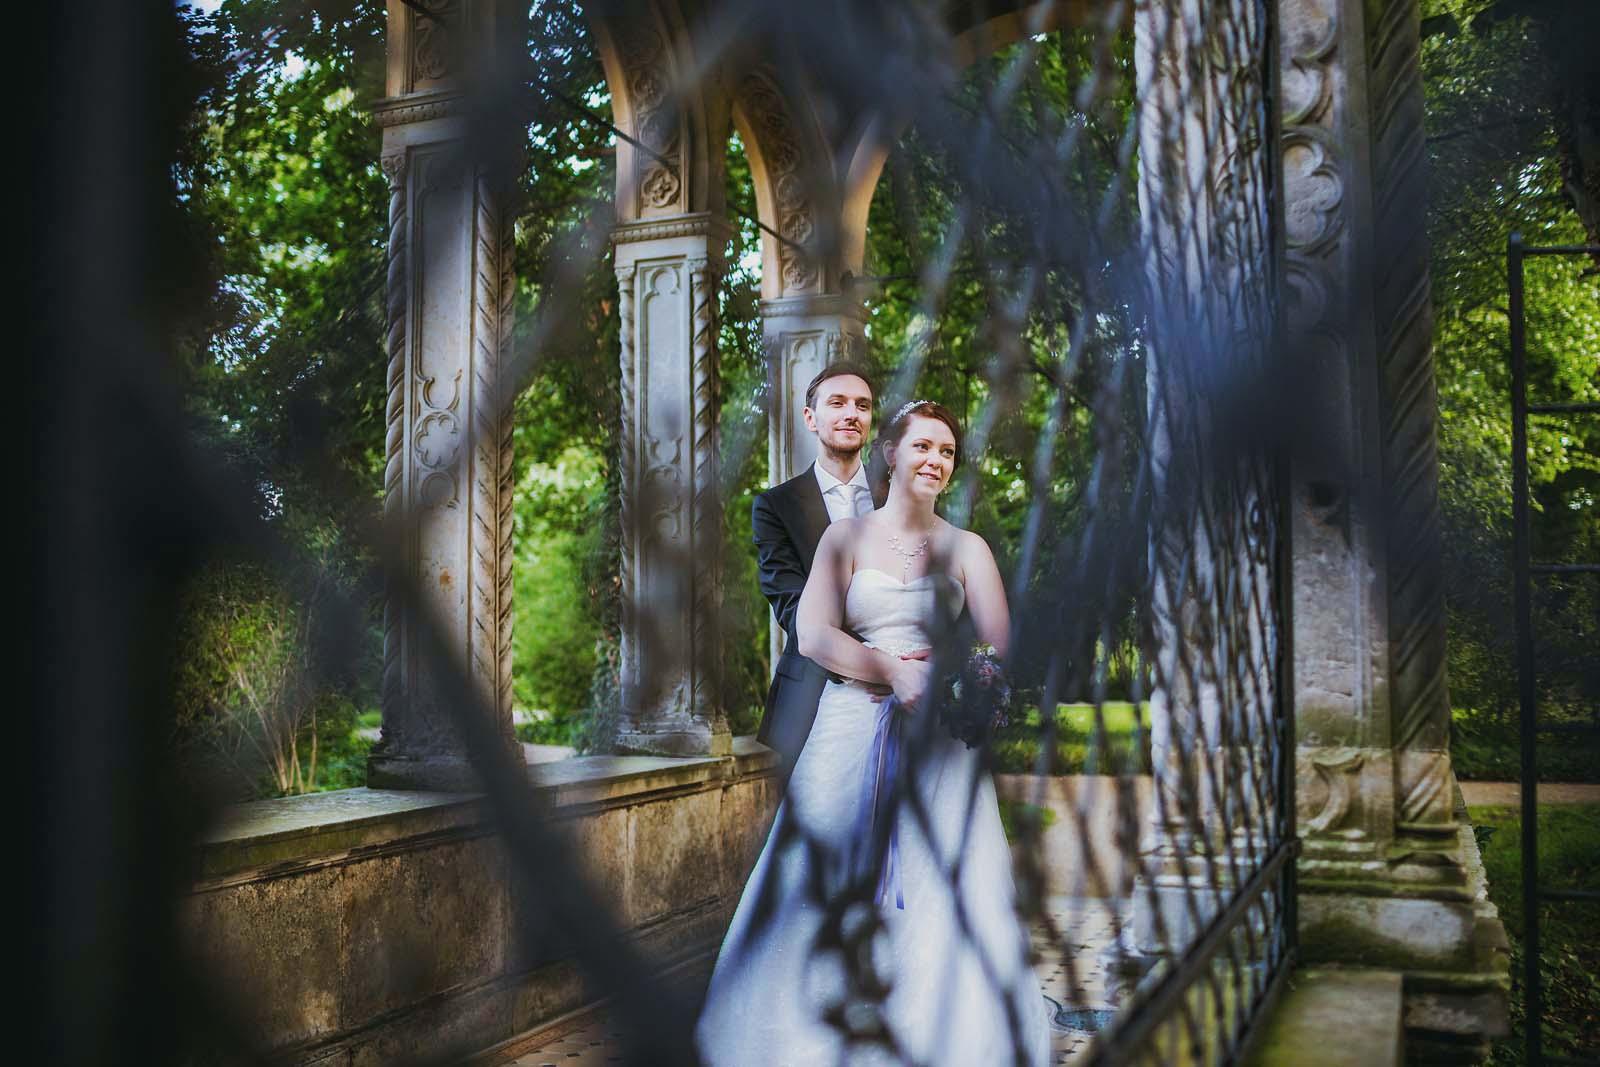 Hochzeitsfotograf Berlin Hochzeitsportrait im Schloss Glienicke Copyright by Hochzeitsfotograf www.berliner-hochzeitsfotografie.de